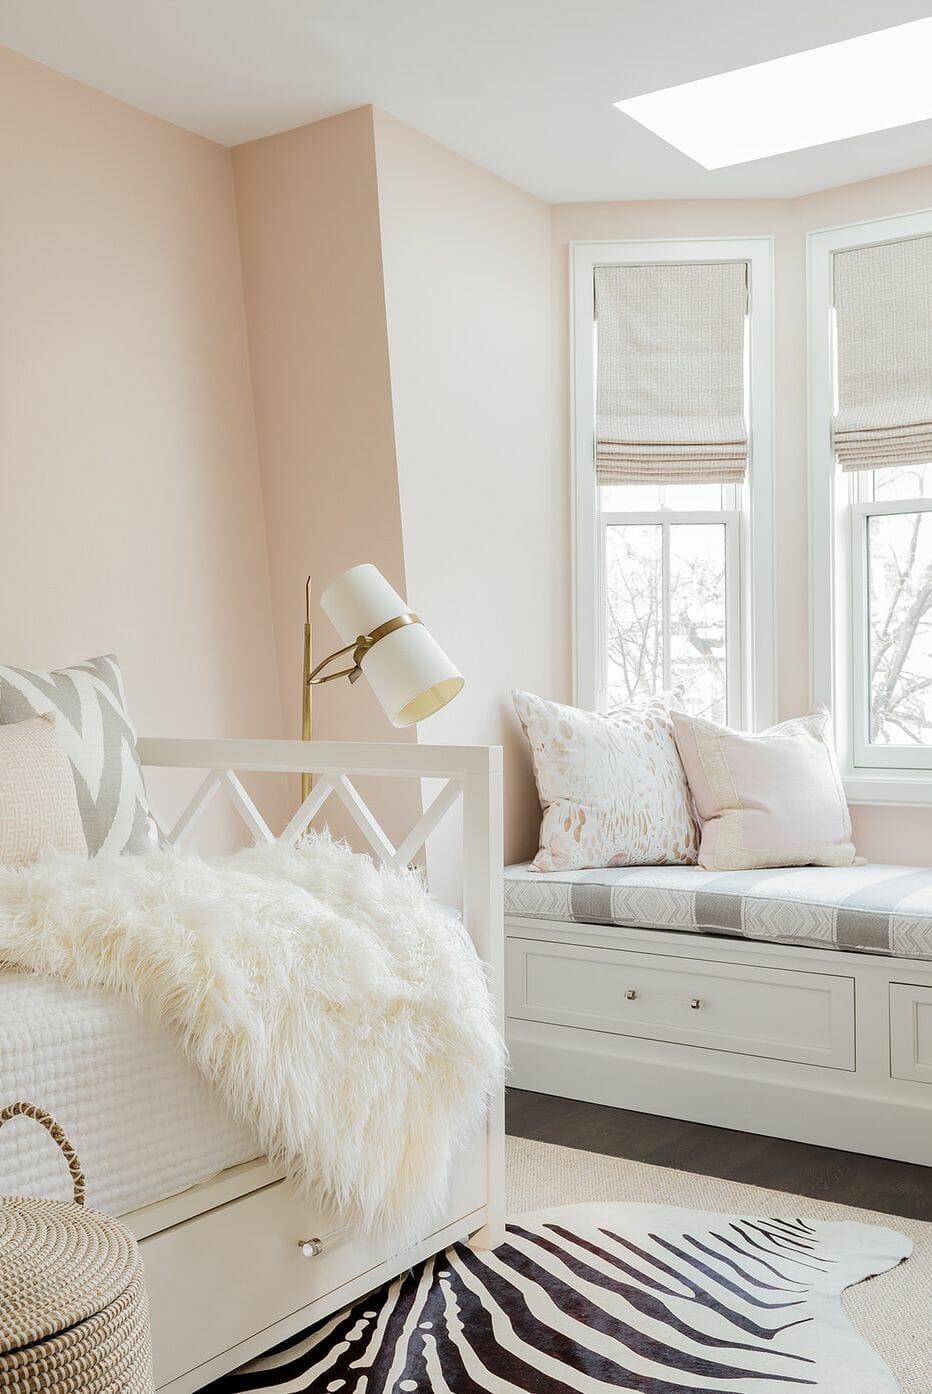 hình ảnh một góc phòng ngủ màu hồng đào có ghế ngồi bên cửa sổ kính